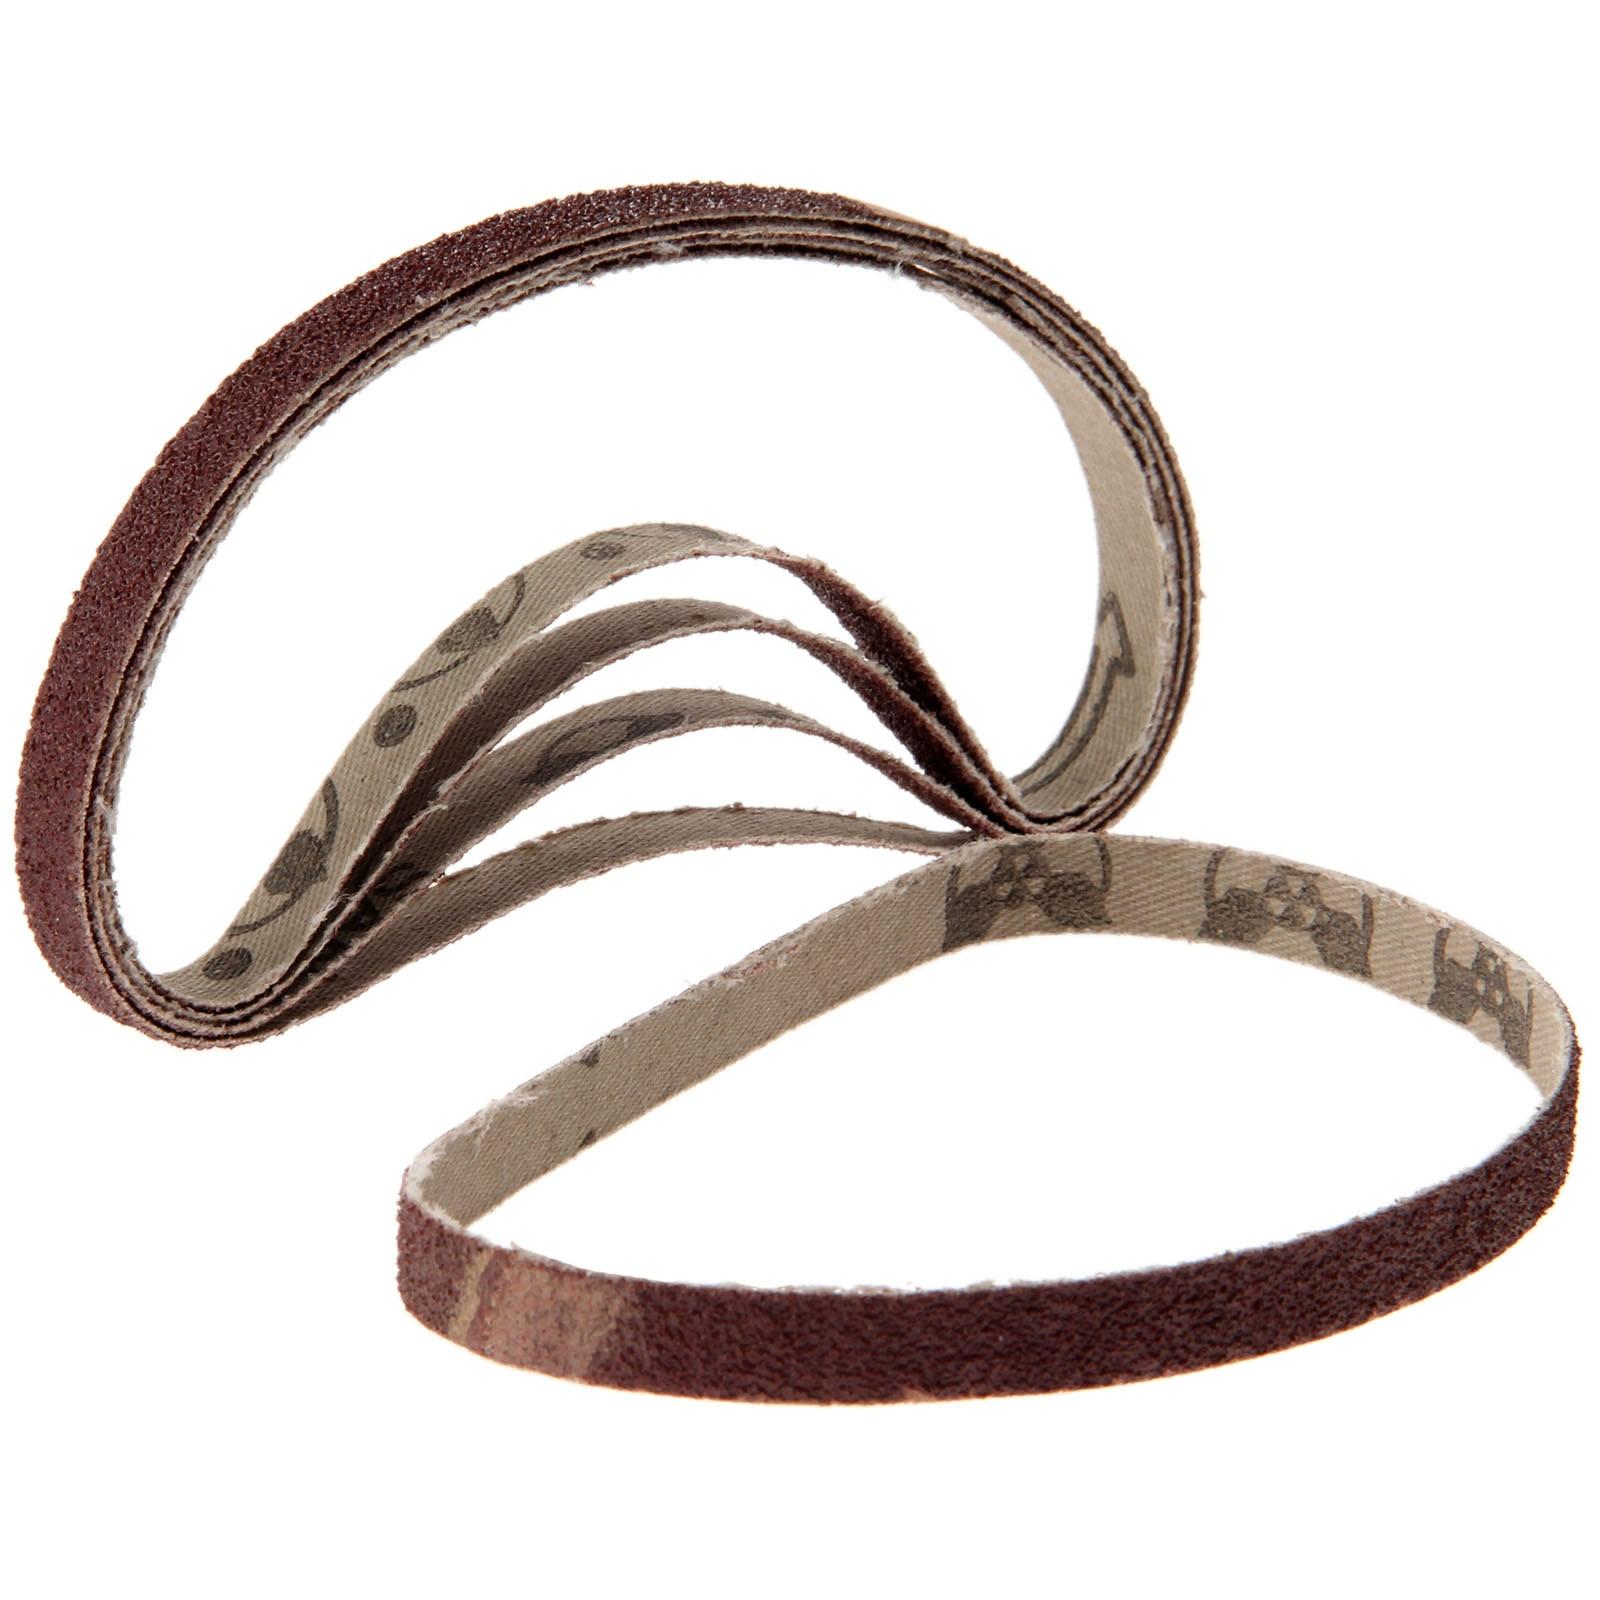 5Pcs Dremel Accessories 10x330mm Abrasive Sanding Belt Grit 60 Oxide Belt Sander For Grinding Polishing Sander Tool